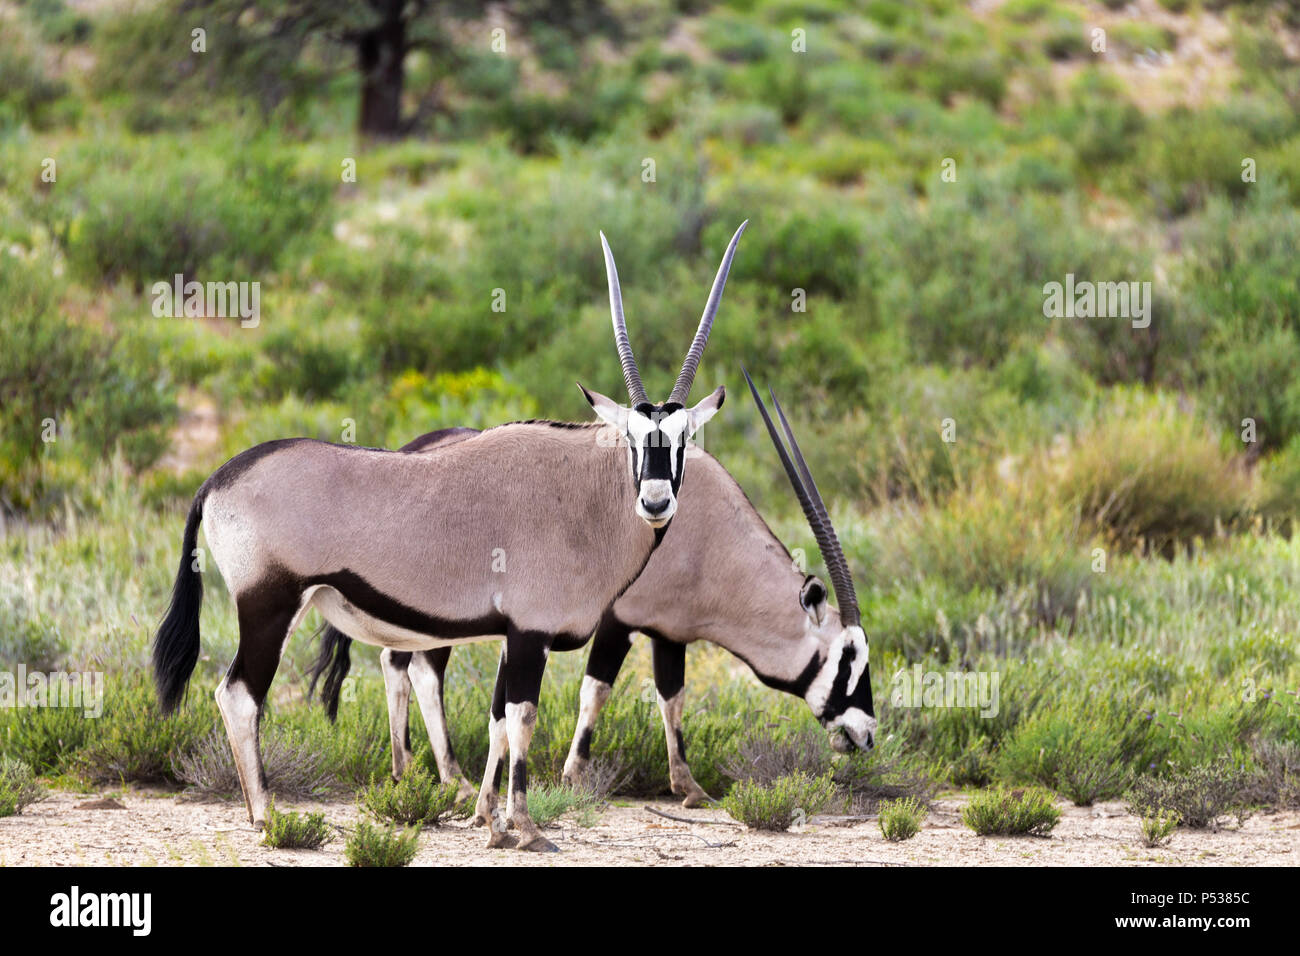 Gemsbok, Oryx gazella nel Kalahari deserto verde dopo la stagione delle piogge. Kgalagadi Parco transfrontaliero, Sud Africa wildlife safari Foto Stock